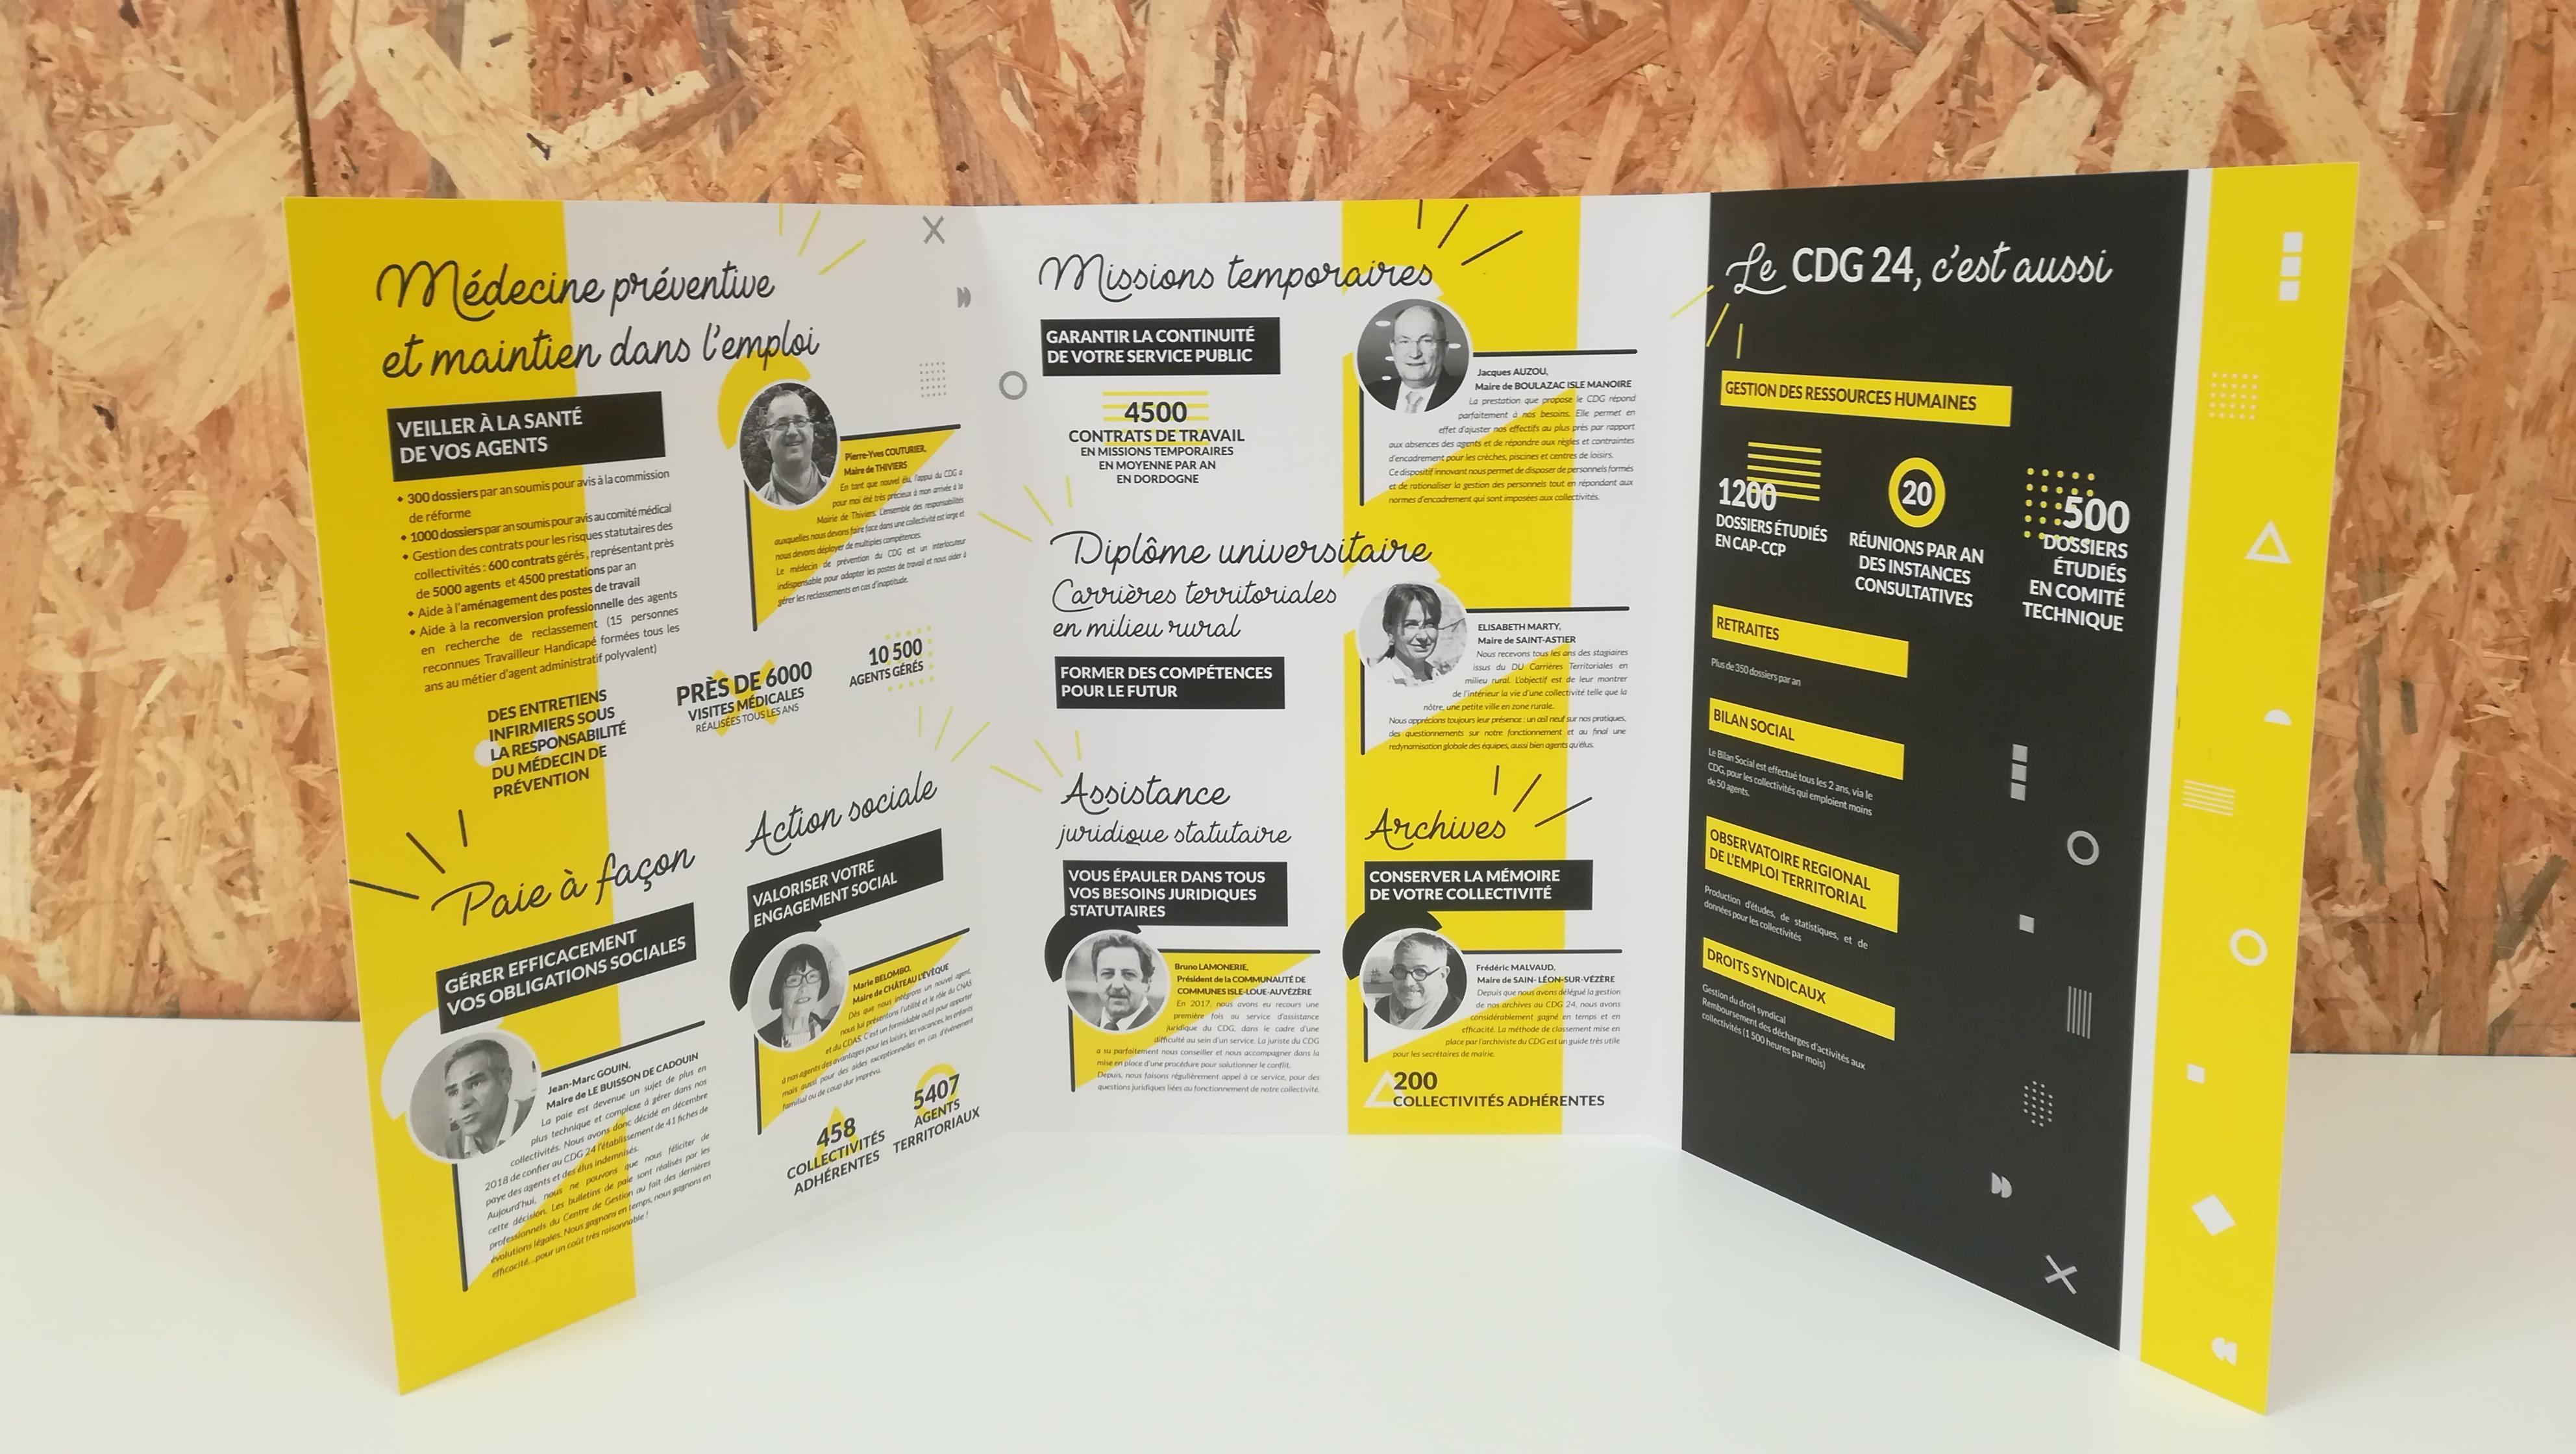 creation-plaquette-centre-de-gestion-de-la-fonction-publique-cdg24-dordogne